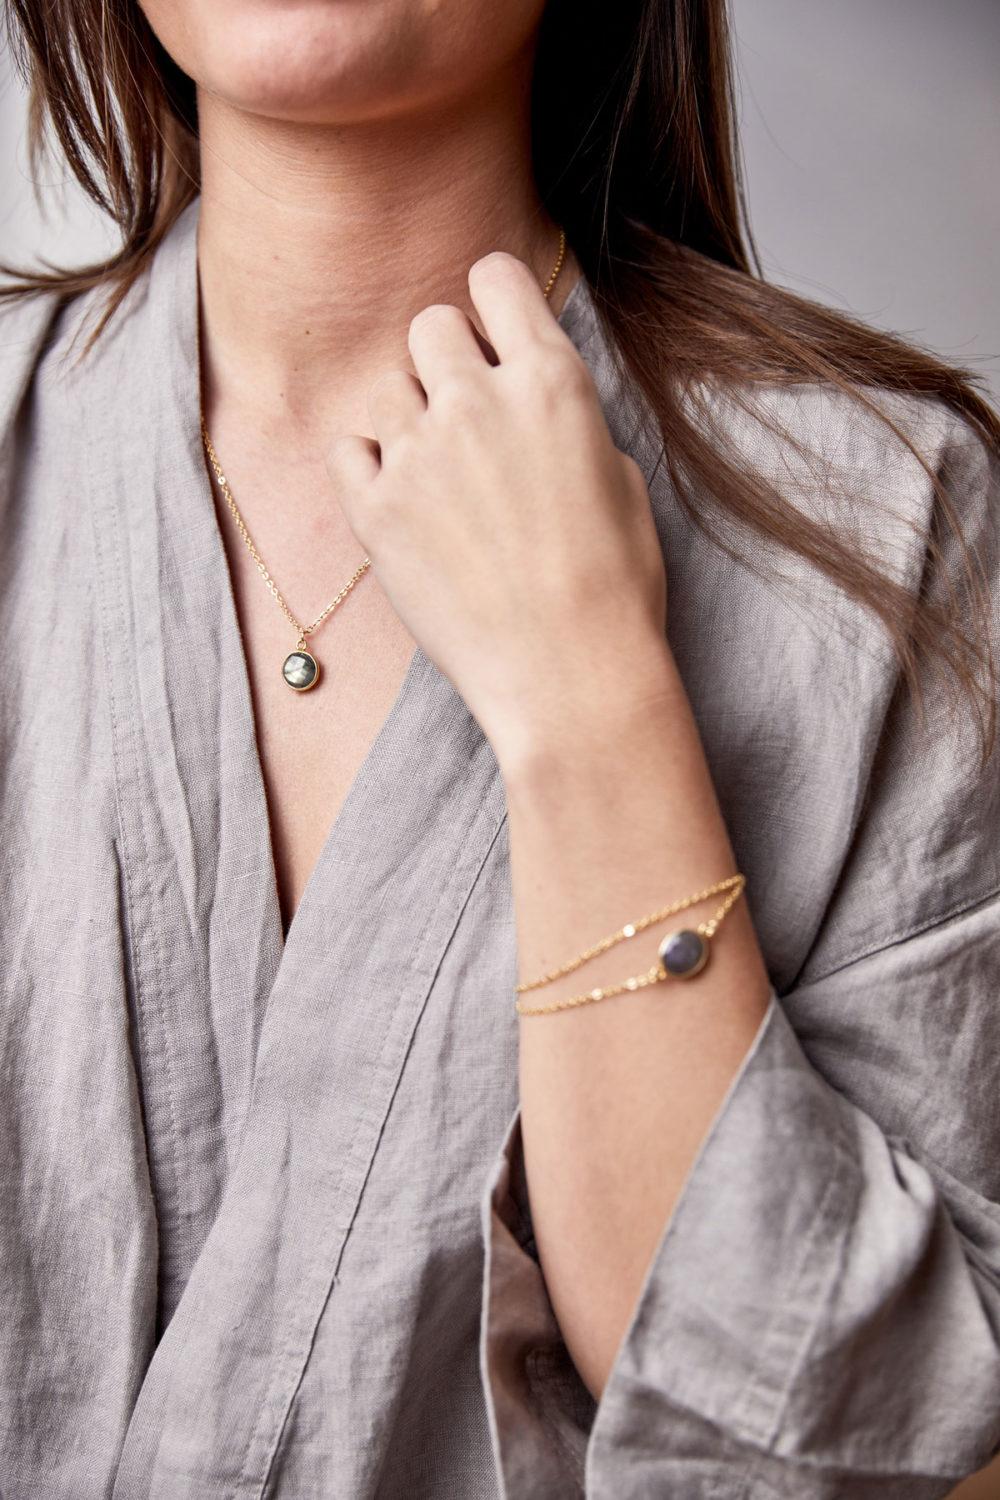 KAUPO Kette gold klein mit Labradorit Stein grau und goldenem NAIONA Plättchen und KAUPO Armband gold. Pose, Frau, Hand, Handgelenk, Hemd.